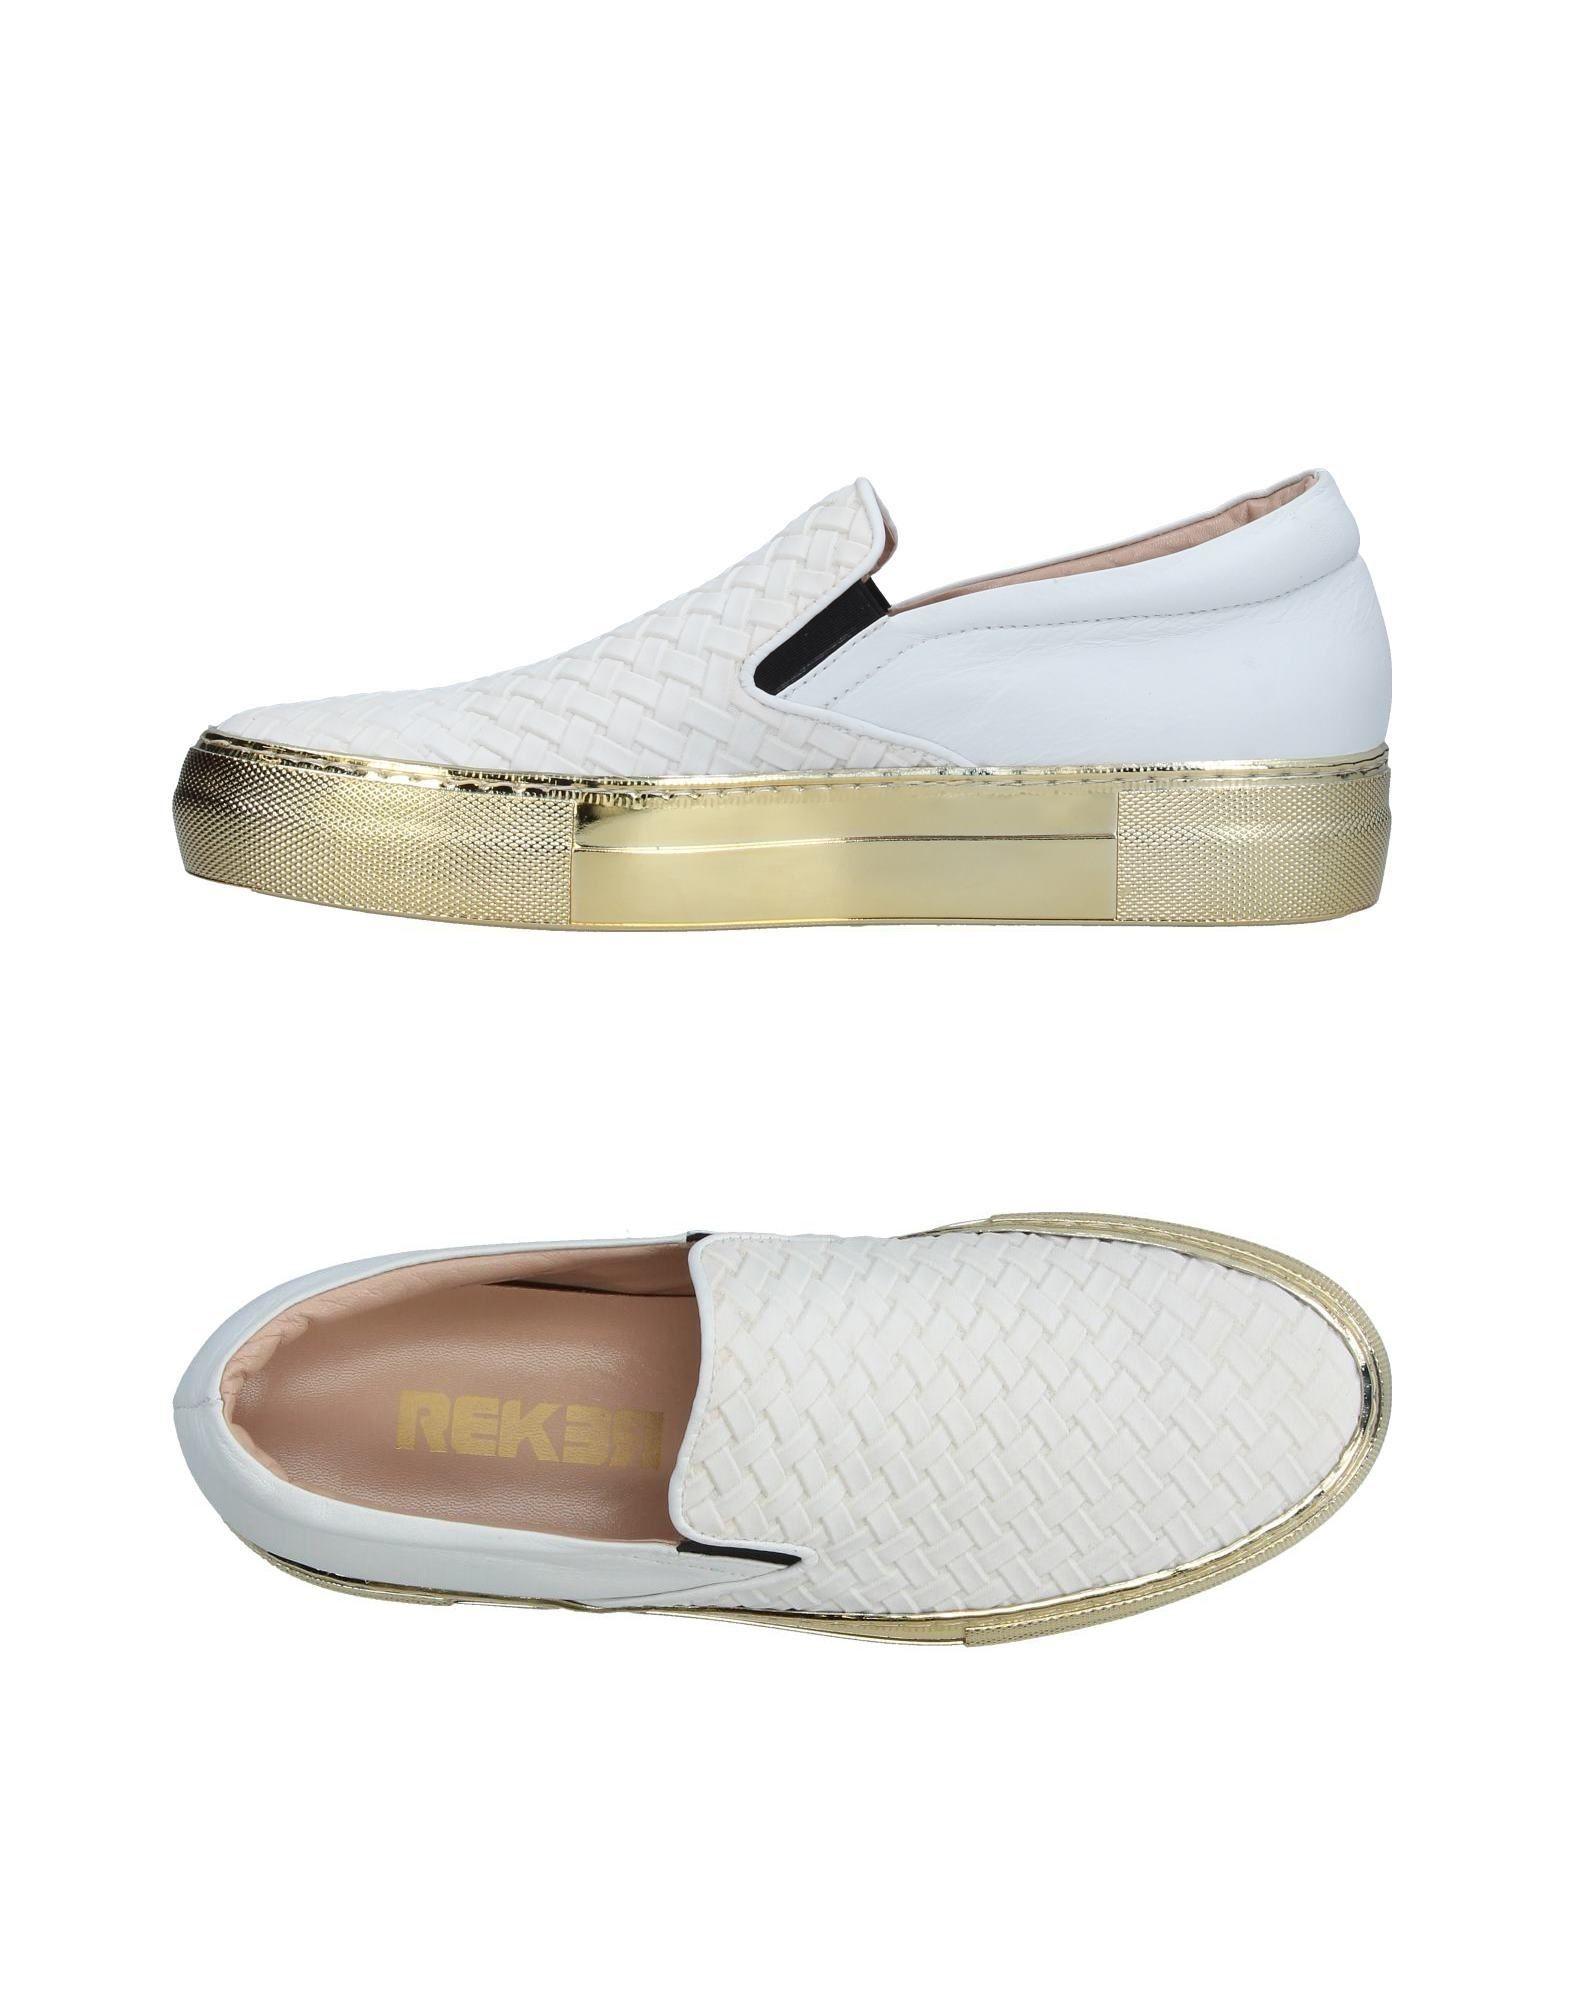 Sneakers Reker Donna - Acquista online su